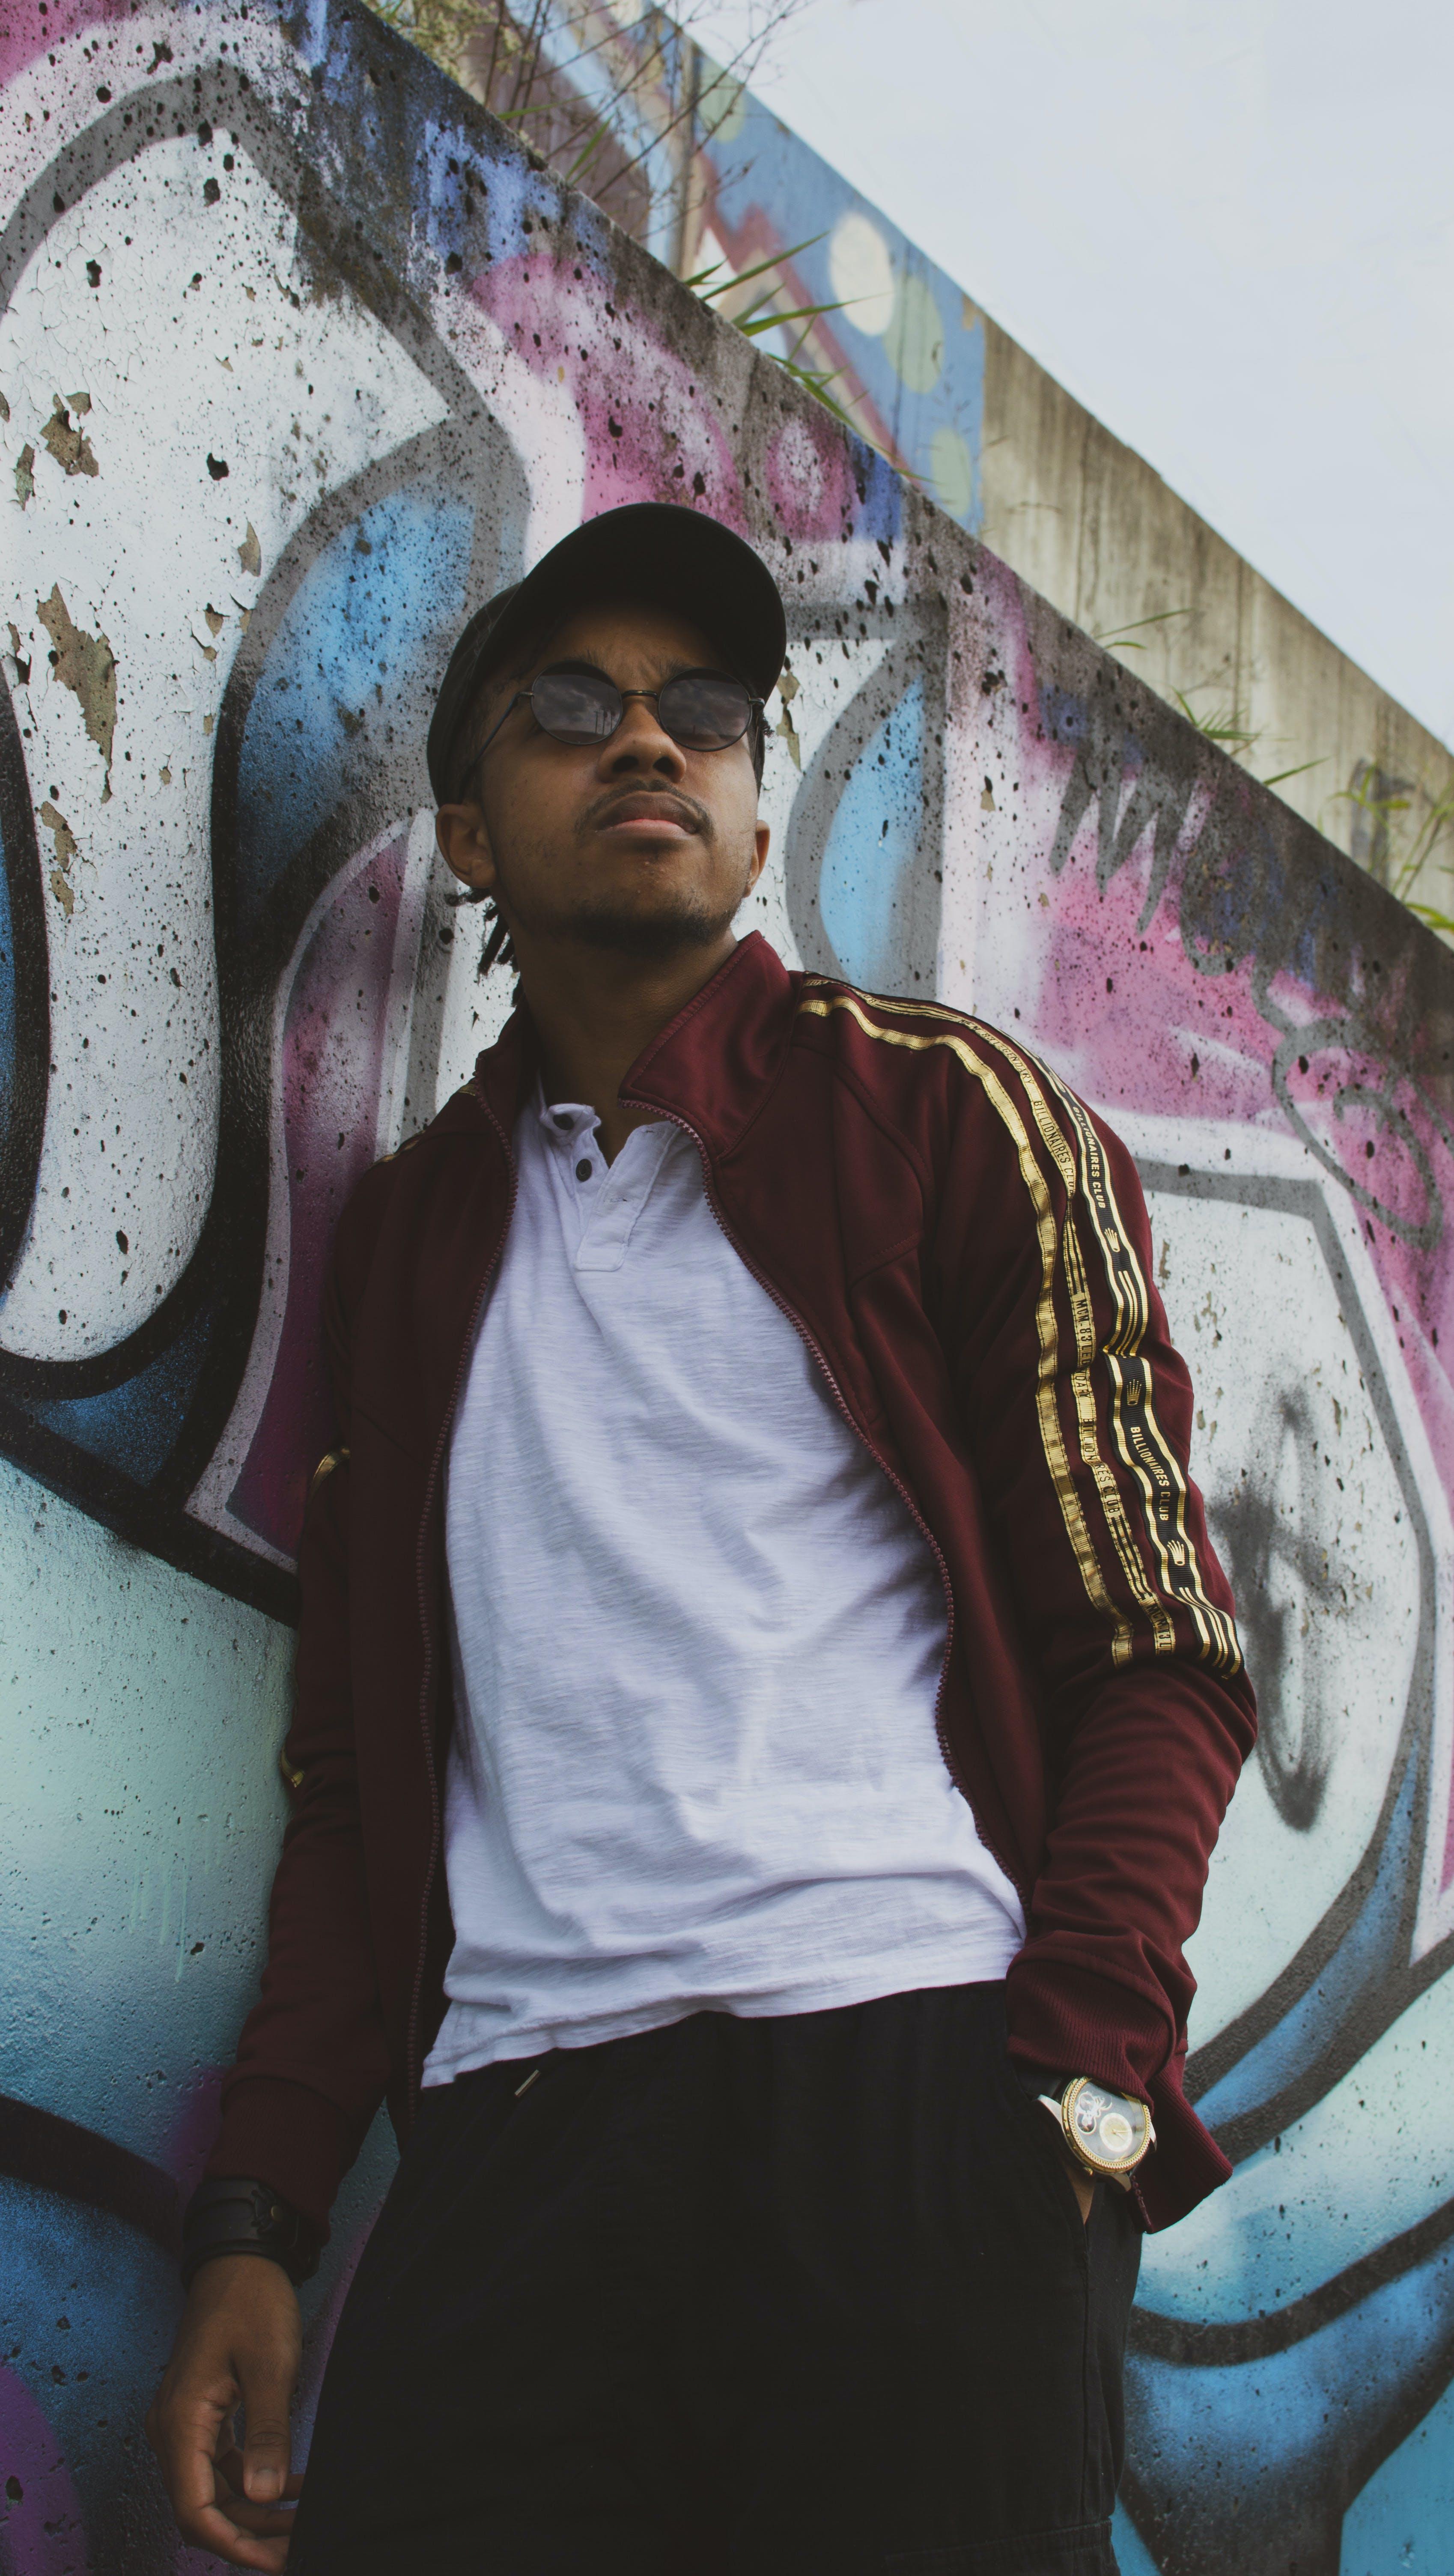 Man in Maroon Jacket Leaning Beside Wall